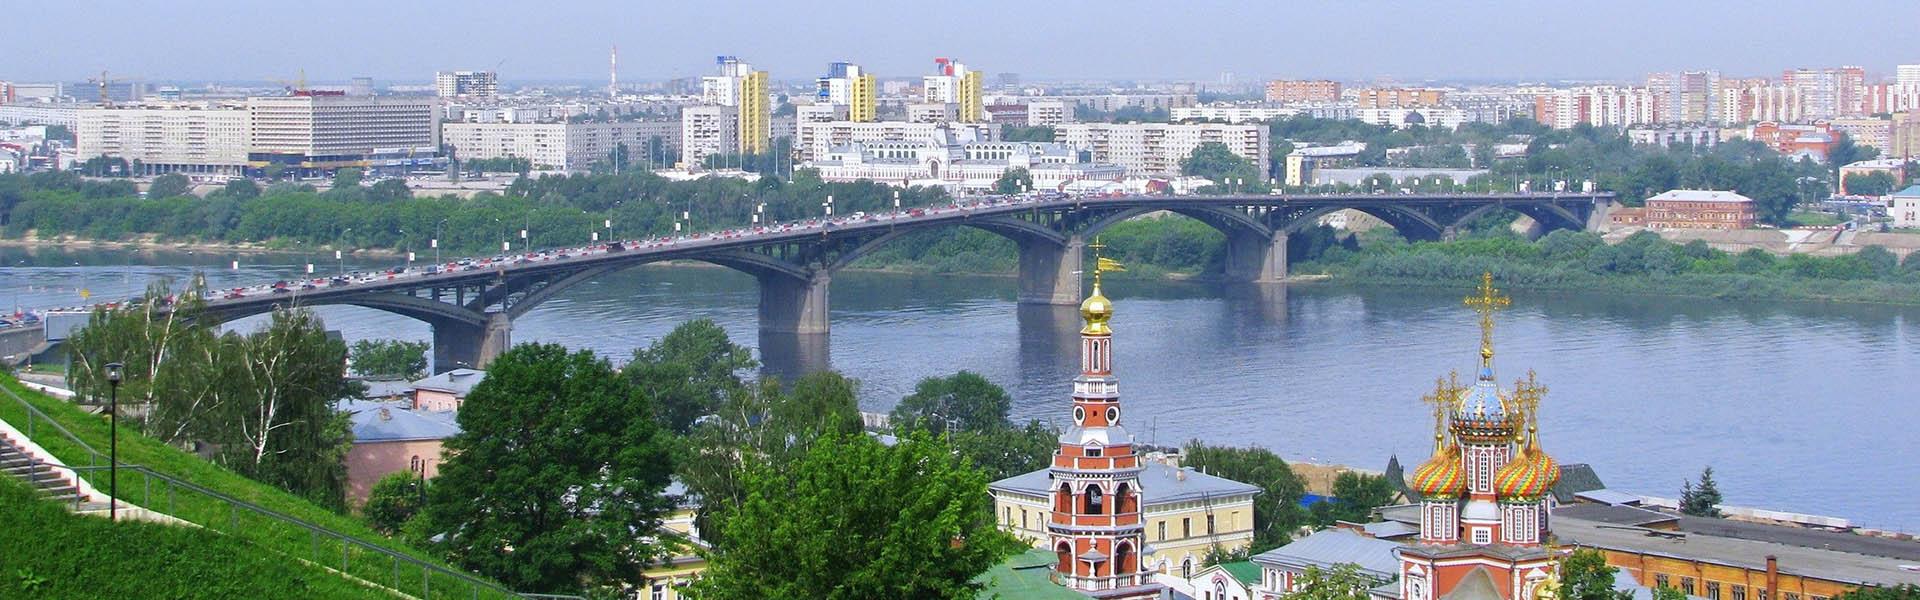 Acordul colaborare între Consiliul municipal Bălți și Universitatea de Economie și Ingenerie din or. Nijnii Novgorod